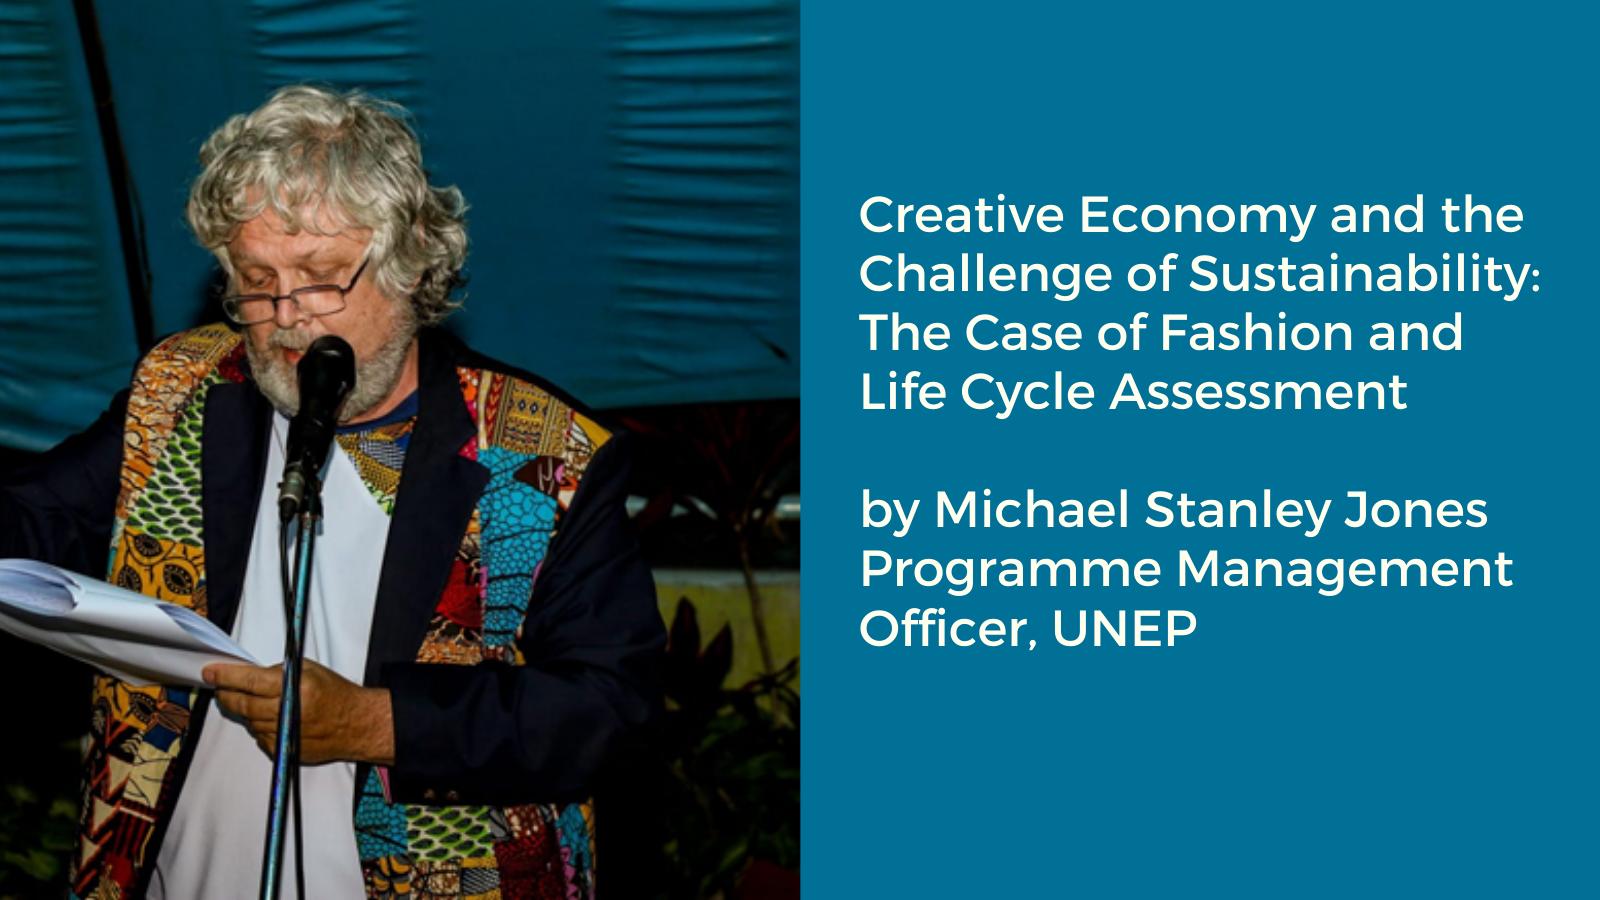 Creative Economy und die Herausforderung der Nachhaltigkeit: Fashion und Ökobilanzierung